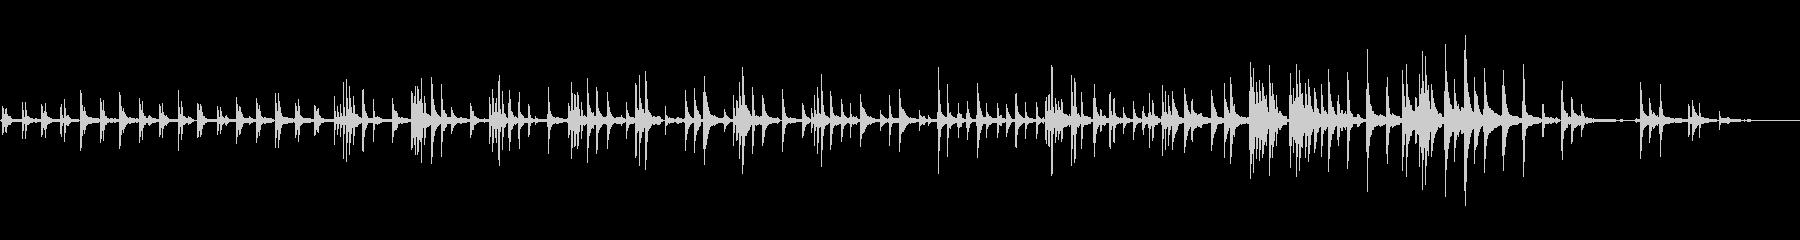 生ピアノソロ・星を見るの未再生の波形